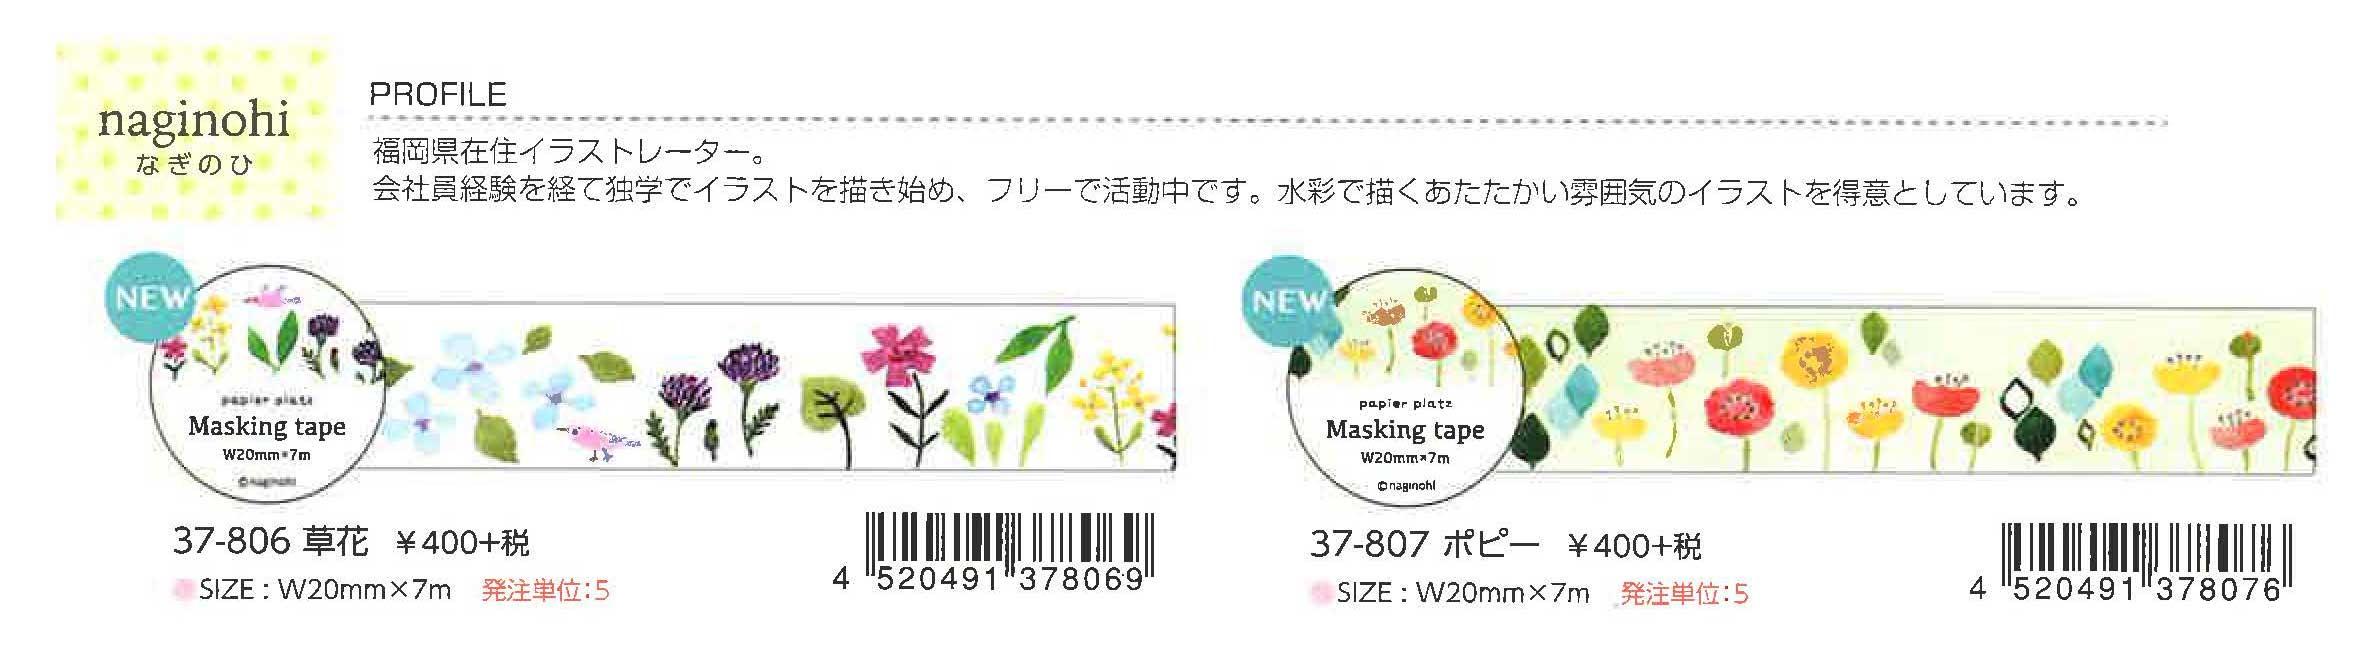 パピアプラッツ【Papier Platz】Dマスキングテープ naginohi(なぎのひ)2種 2019_7_26発売(完売終了)